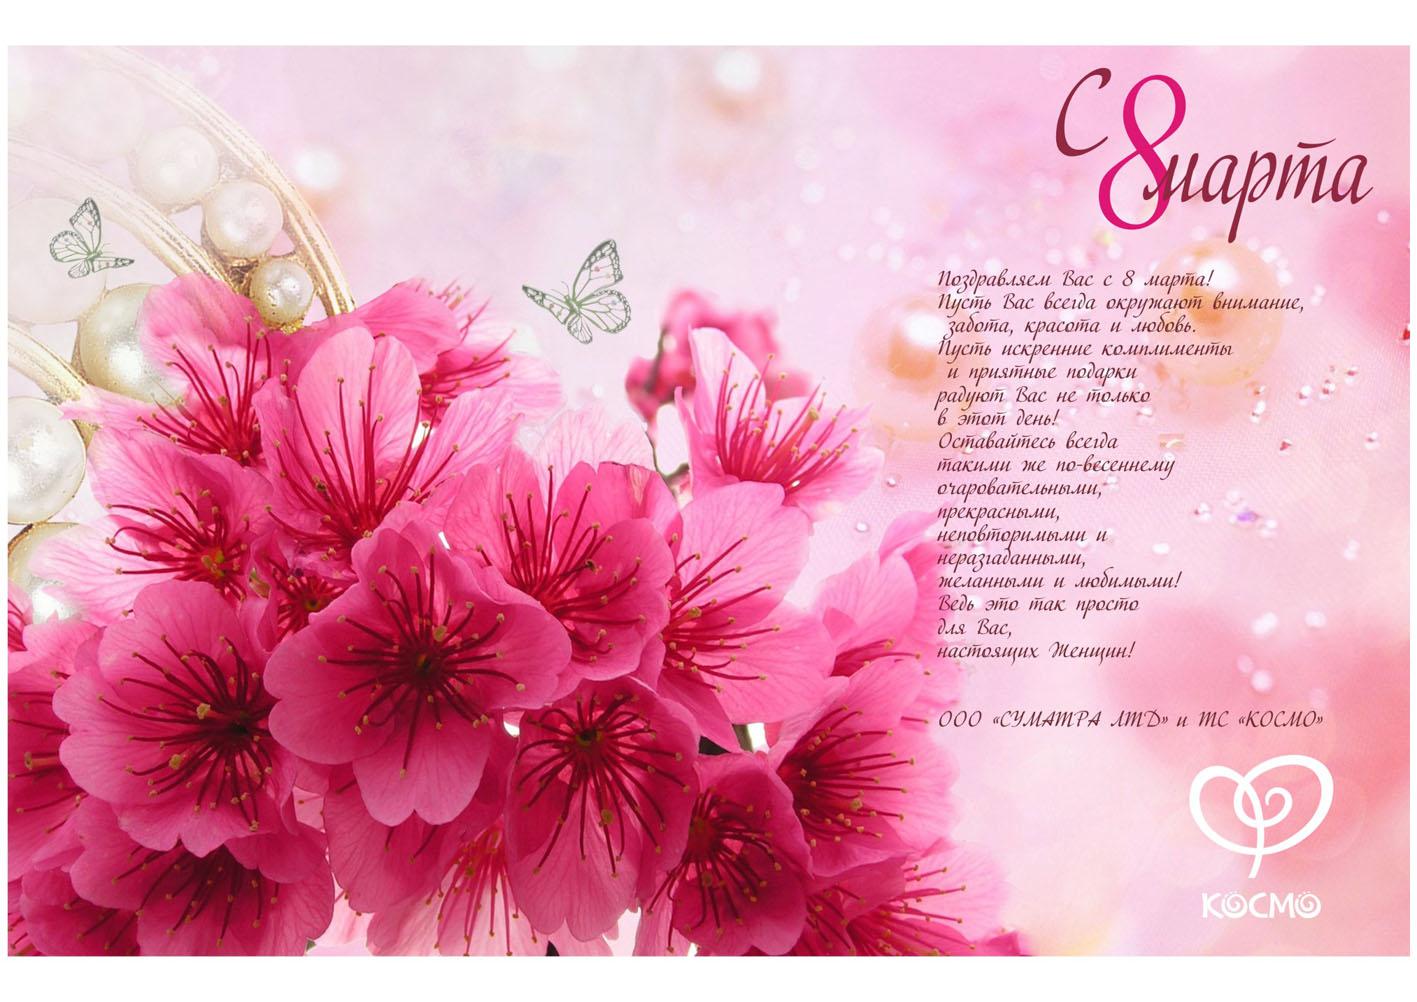 свой адрес поздравление с 8 марта с цветами фото цены, указанные авиабилеты